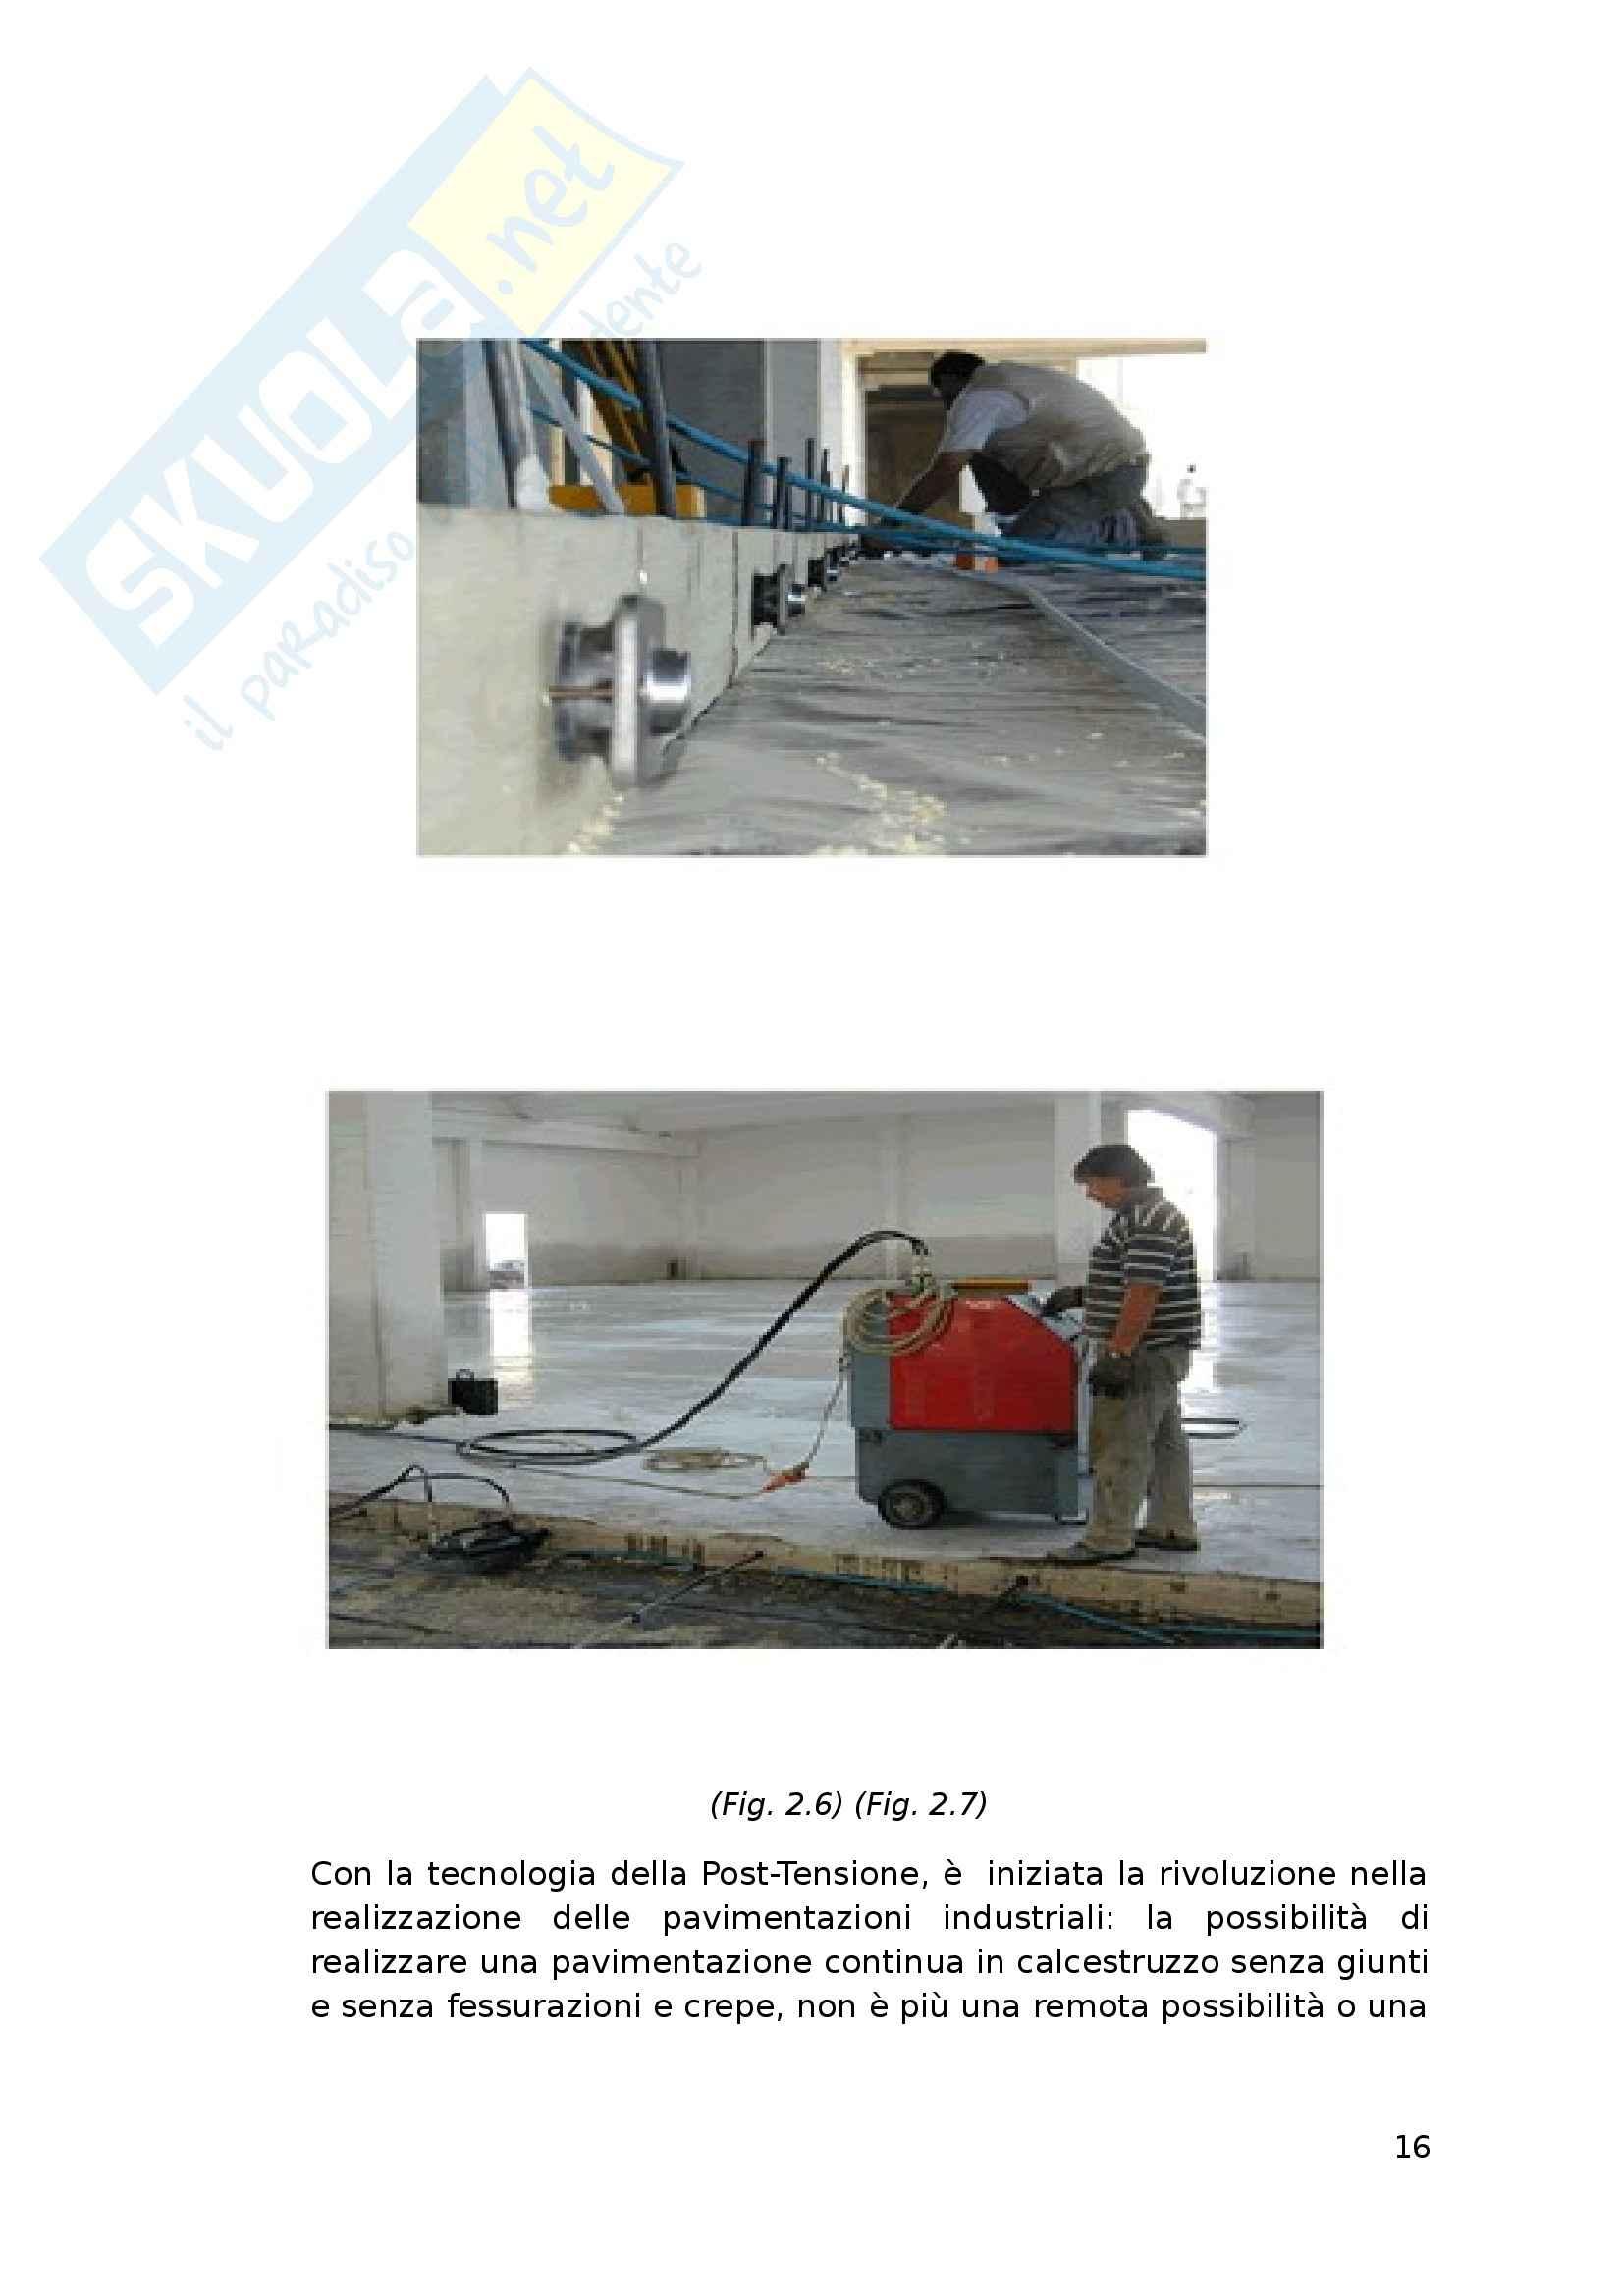 Tesi - Verifiche di travi in calcestruzzo armato precompresso secondo il D.M. 09/01/1996 e il D.M. 14/01/2008 Pag. 16